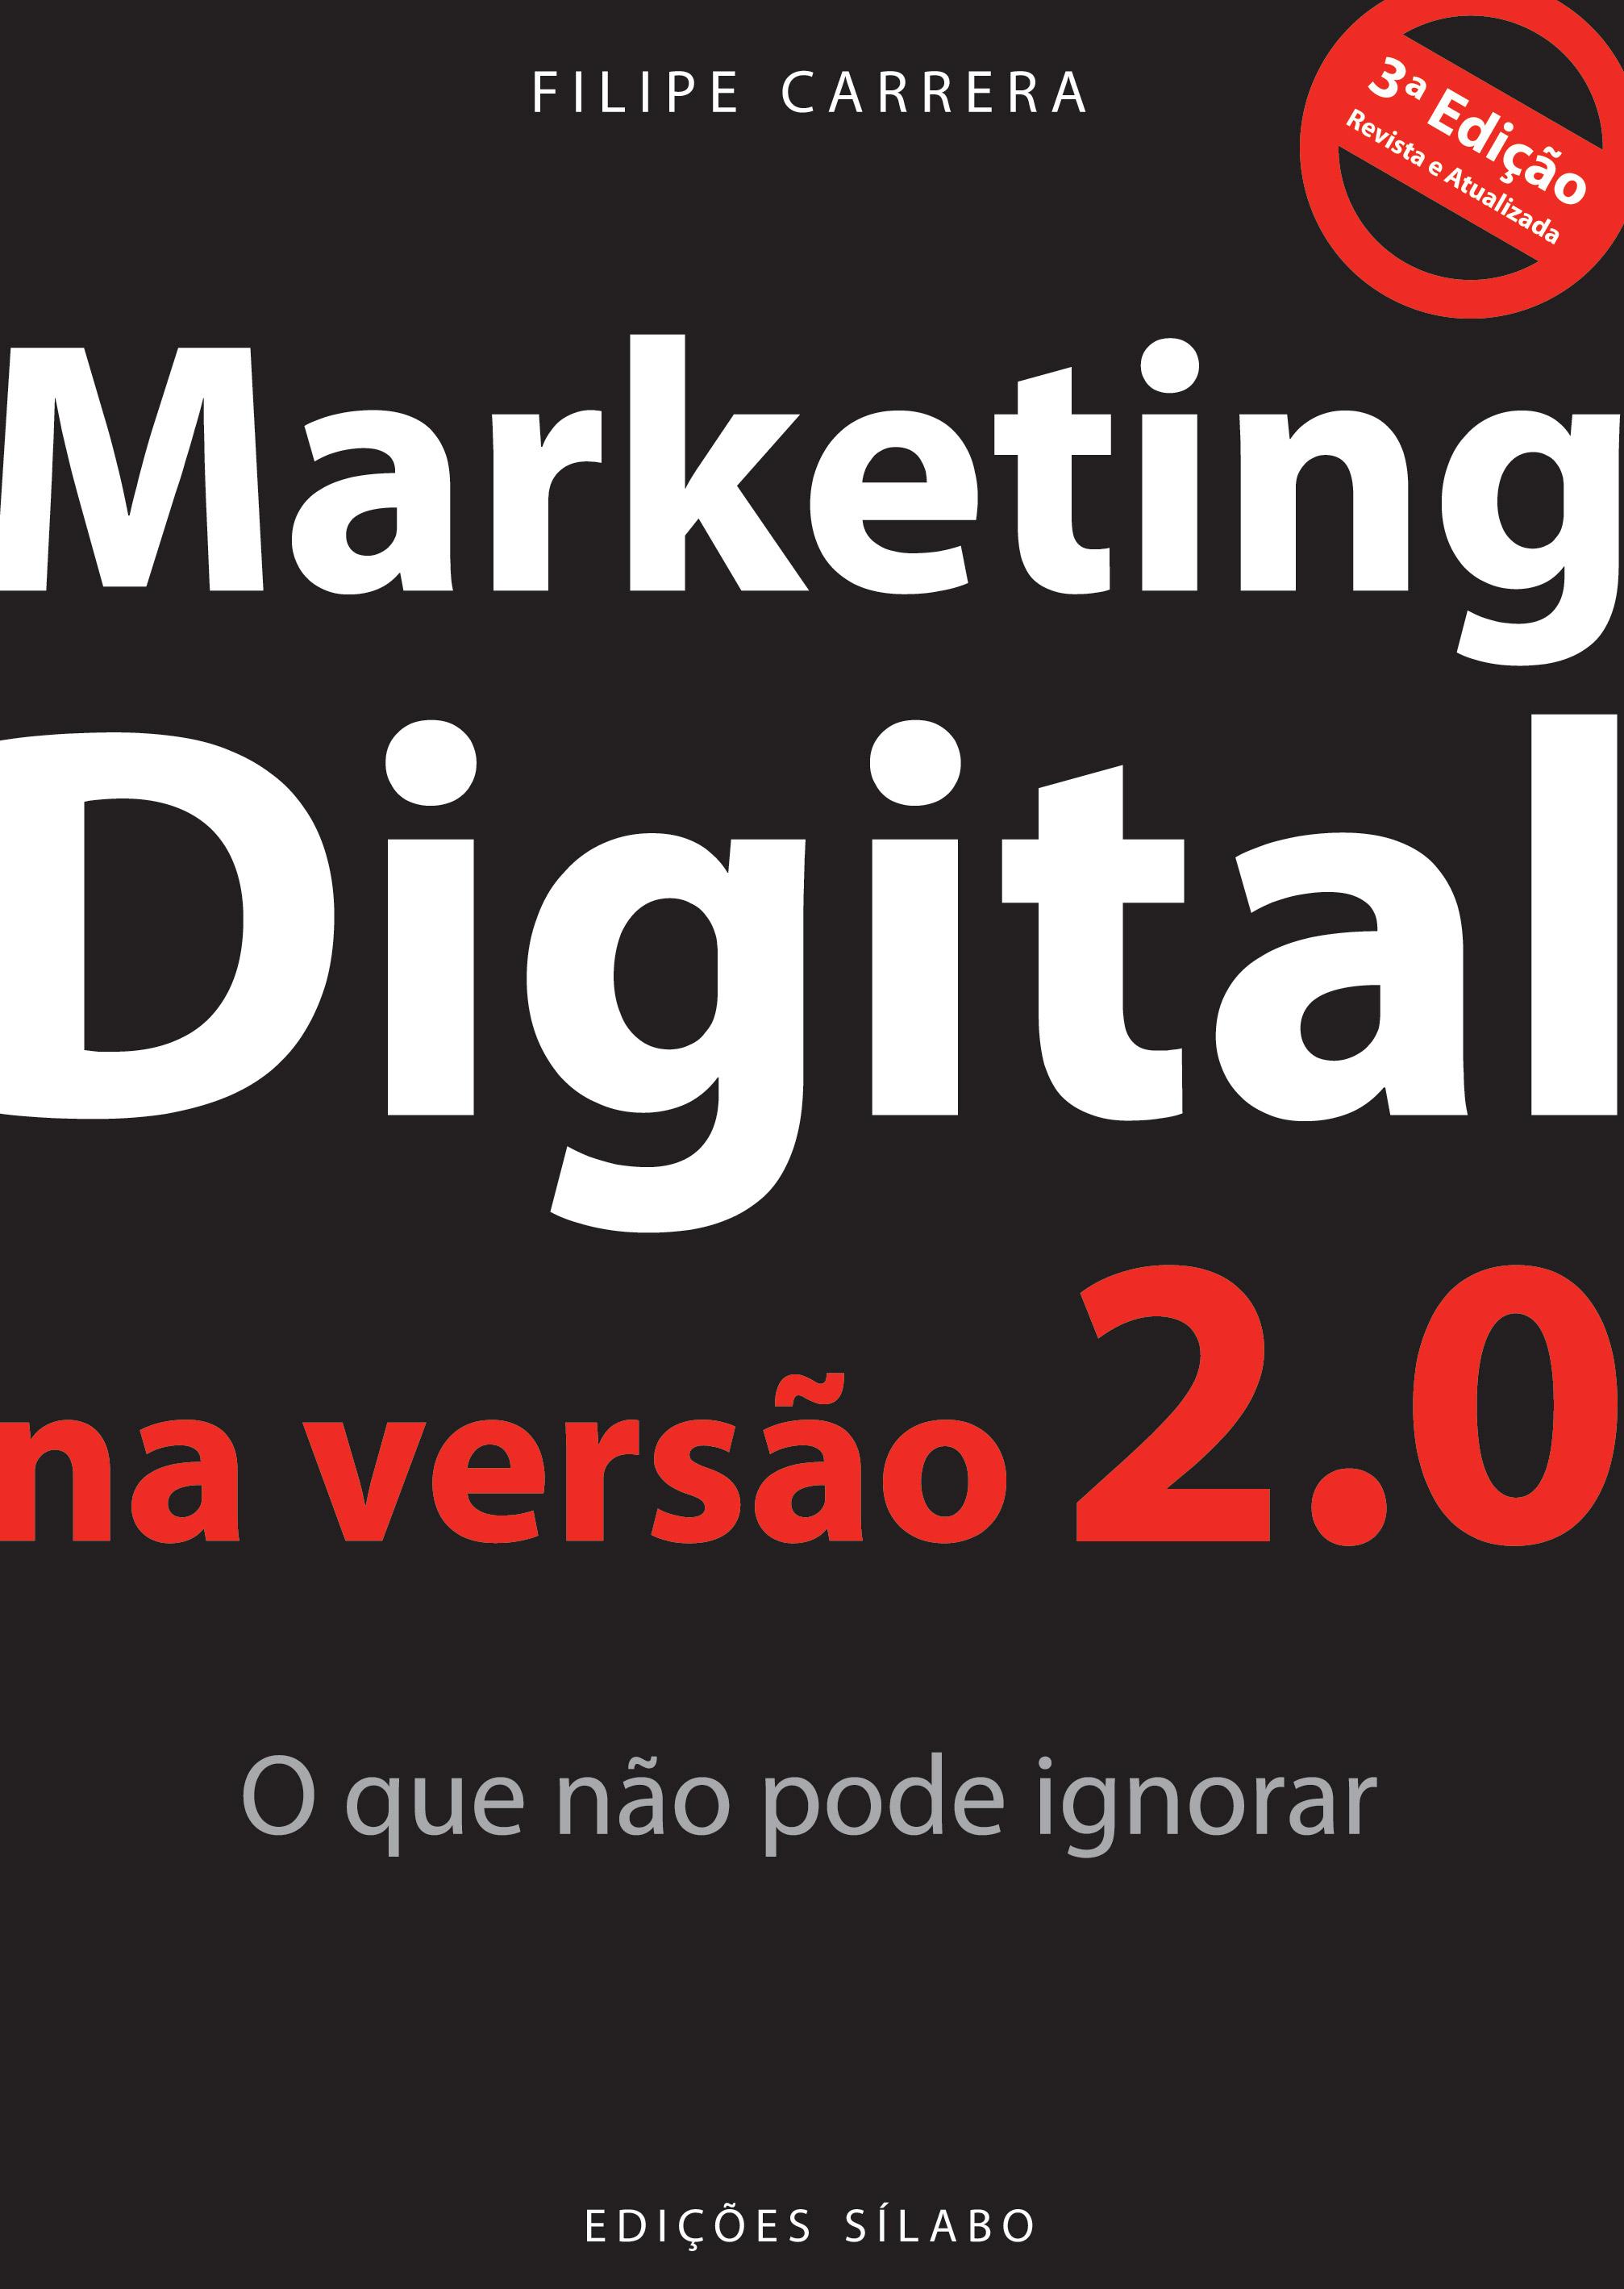 Marketing Digital na Versão 2.0 – O que não pode ignorar (3ª. edição)